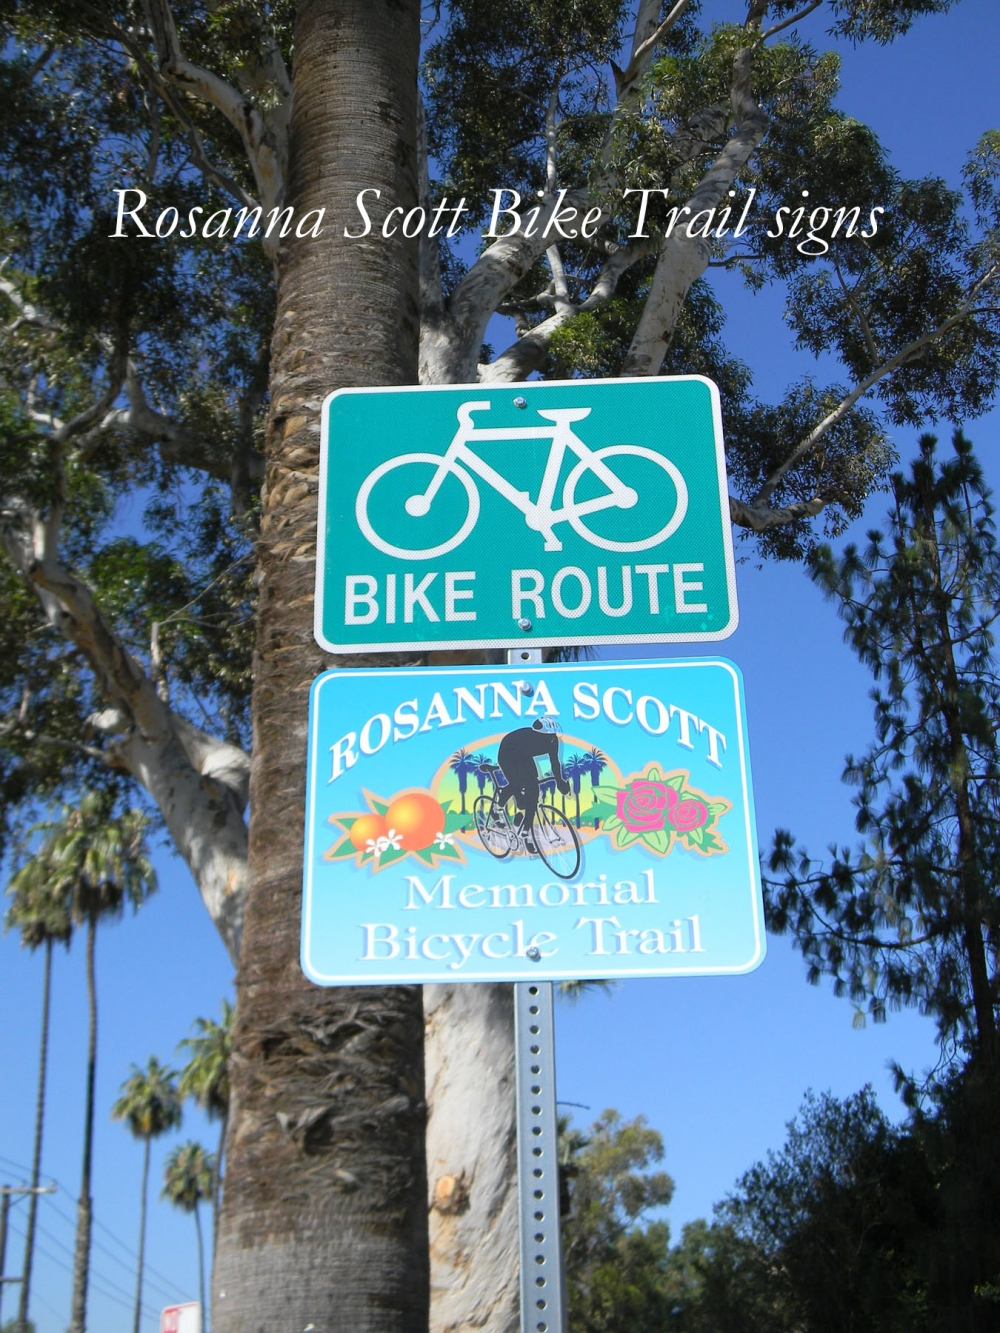 Rosanna Scott bike trail signs